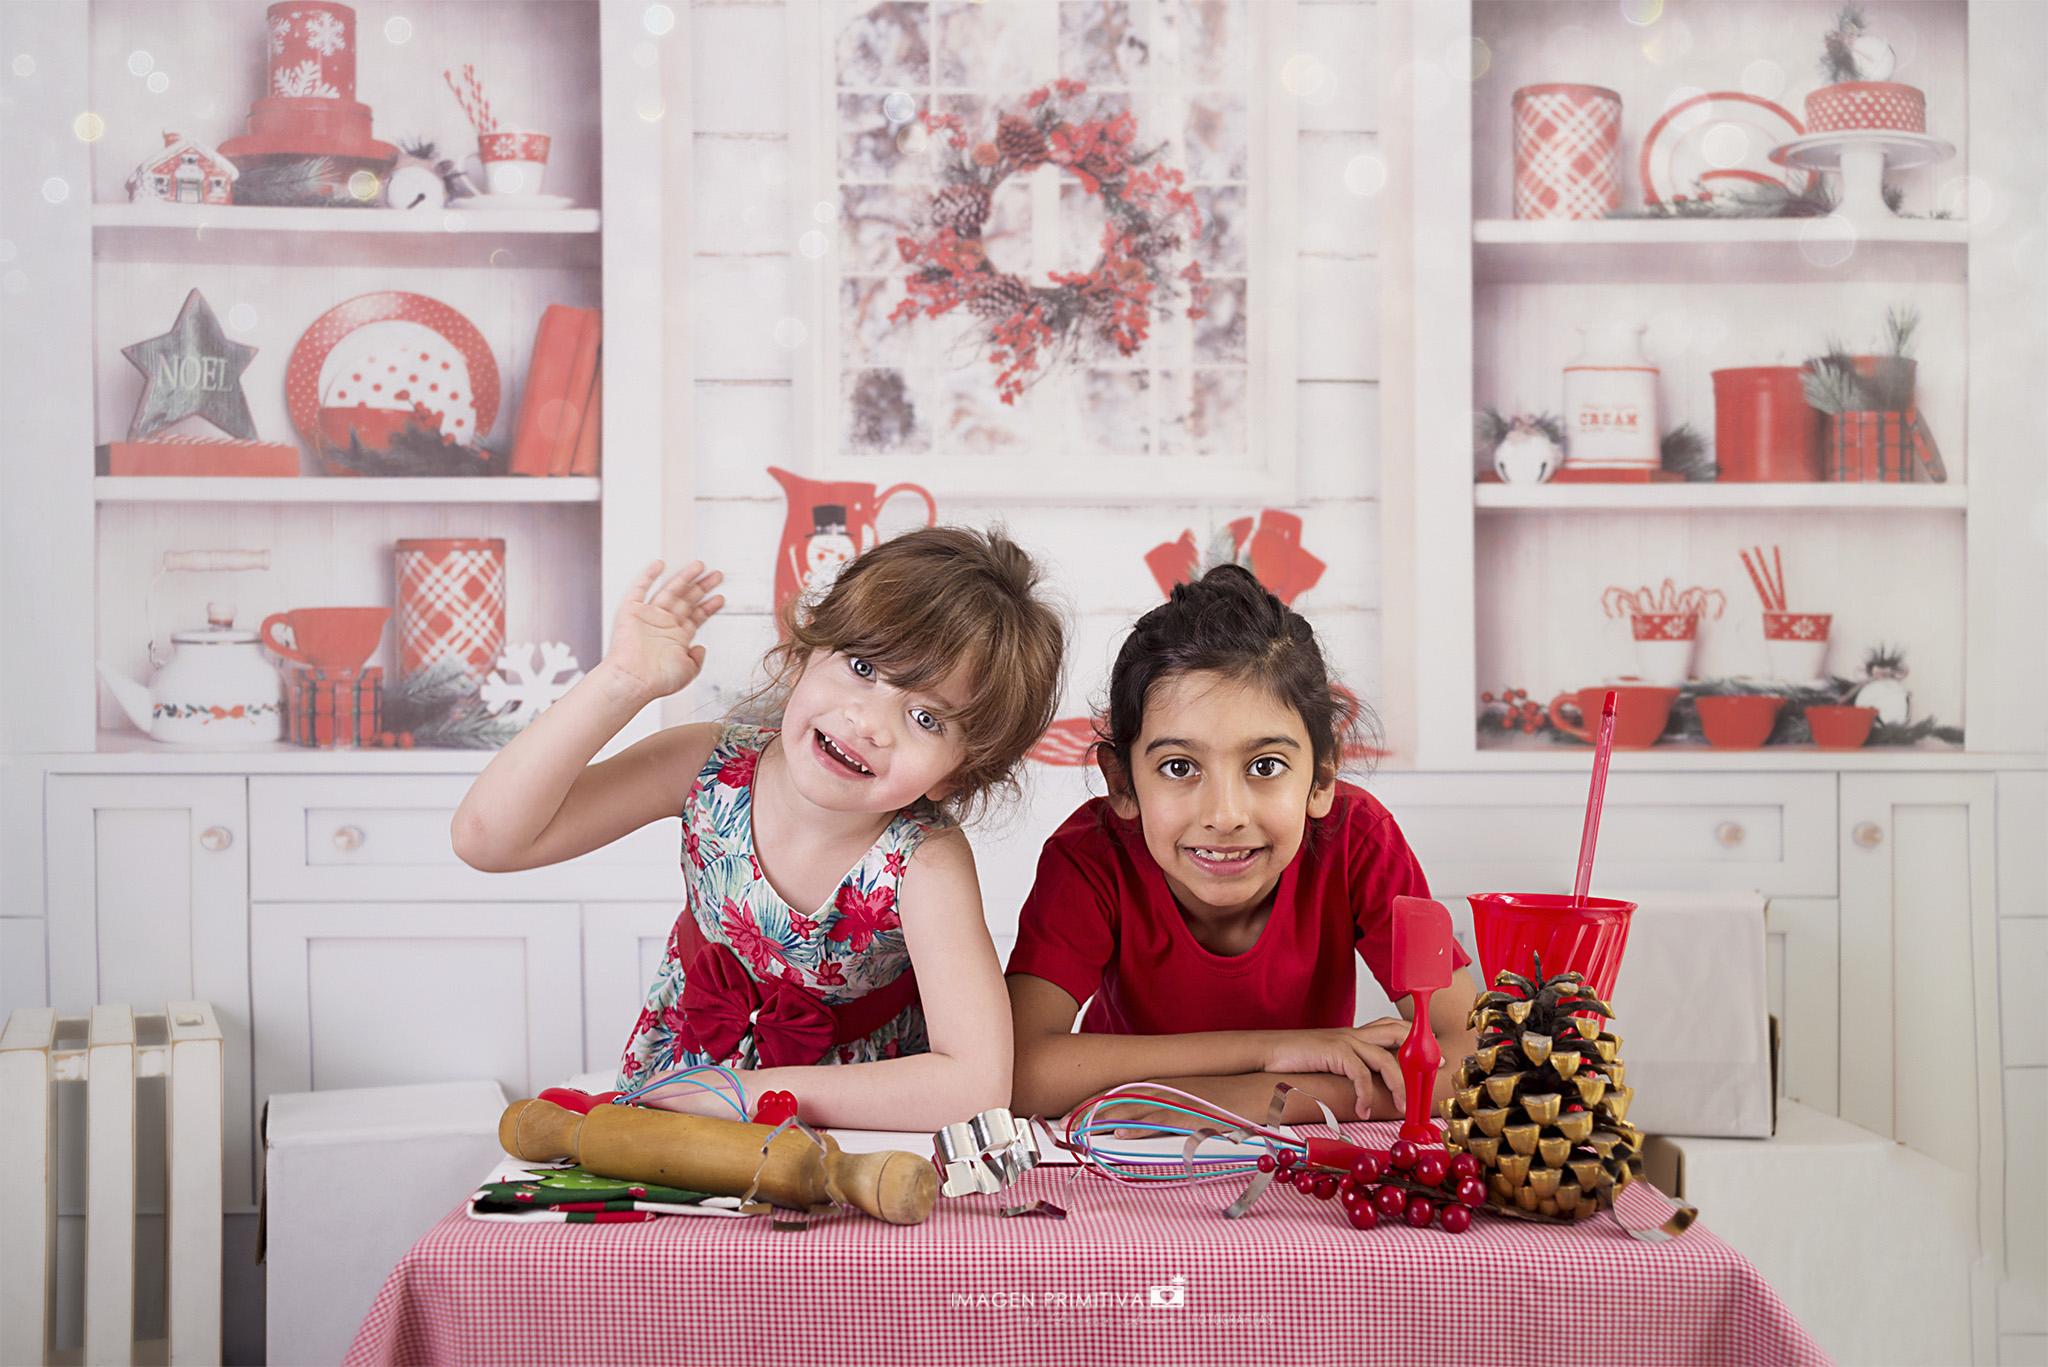 fotos de navidad en cocina navideña